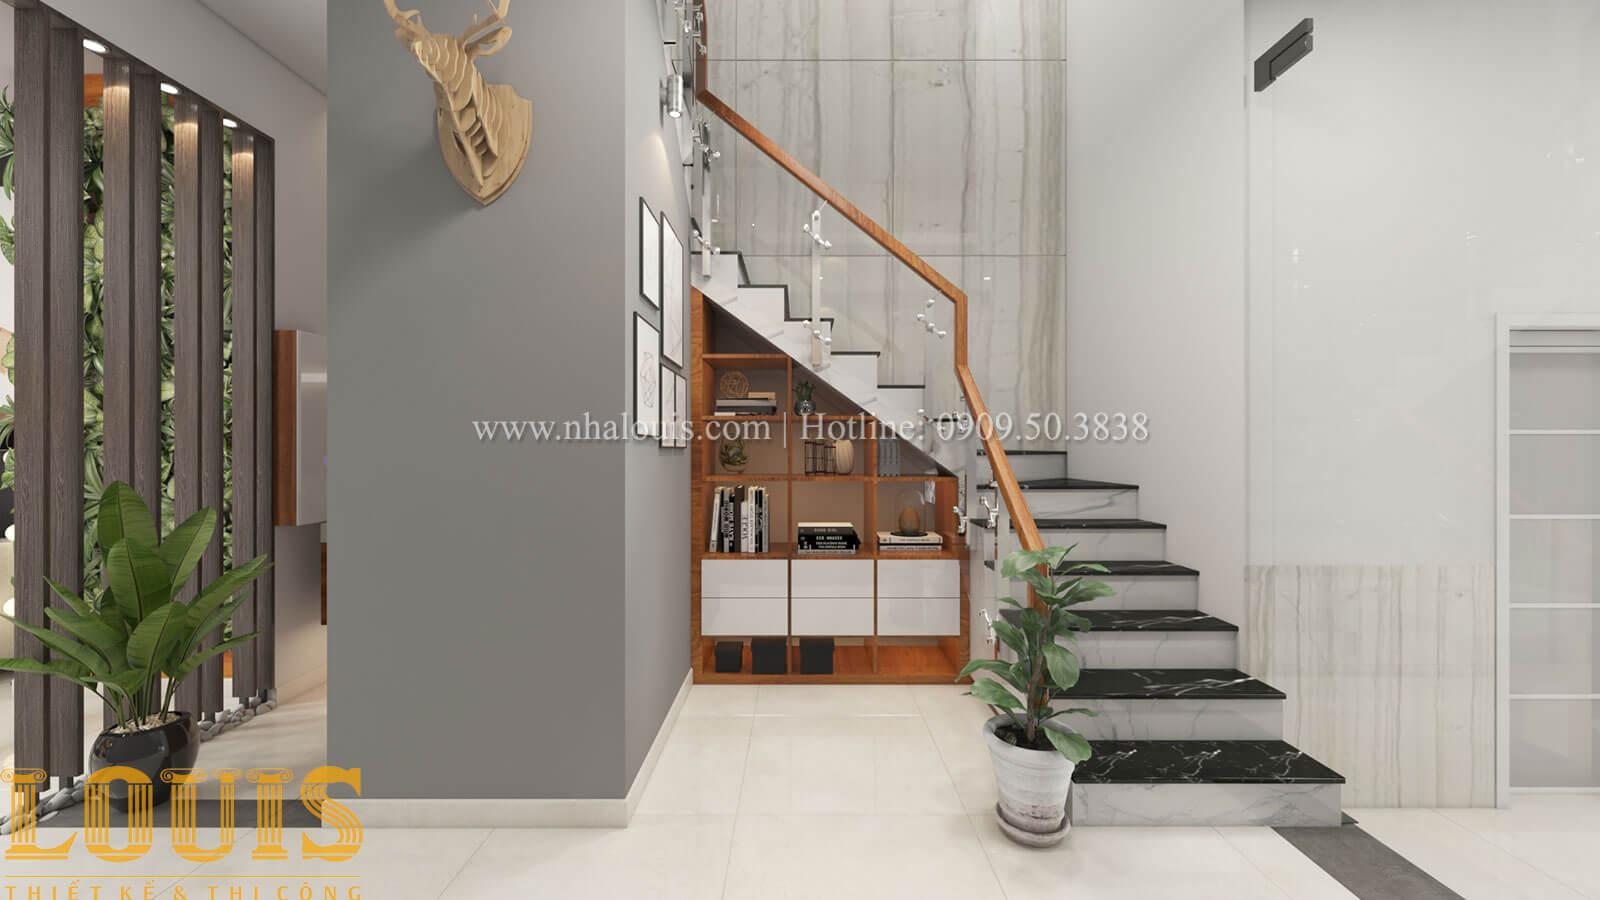 Cầu thang Mẫu nhà 5 tầng đẹp hiện đại với thiết kế tối giản tại Tân Bình - 08